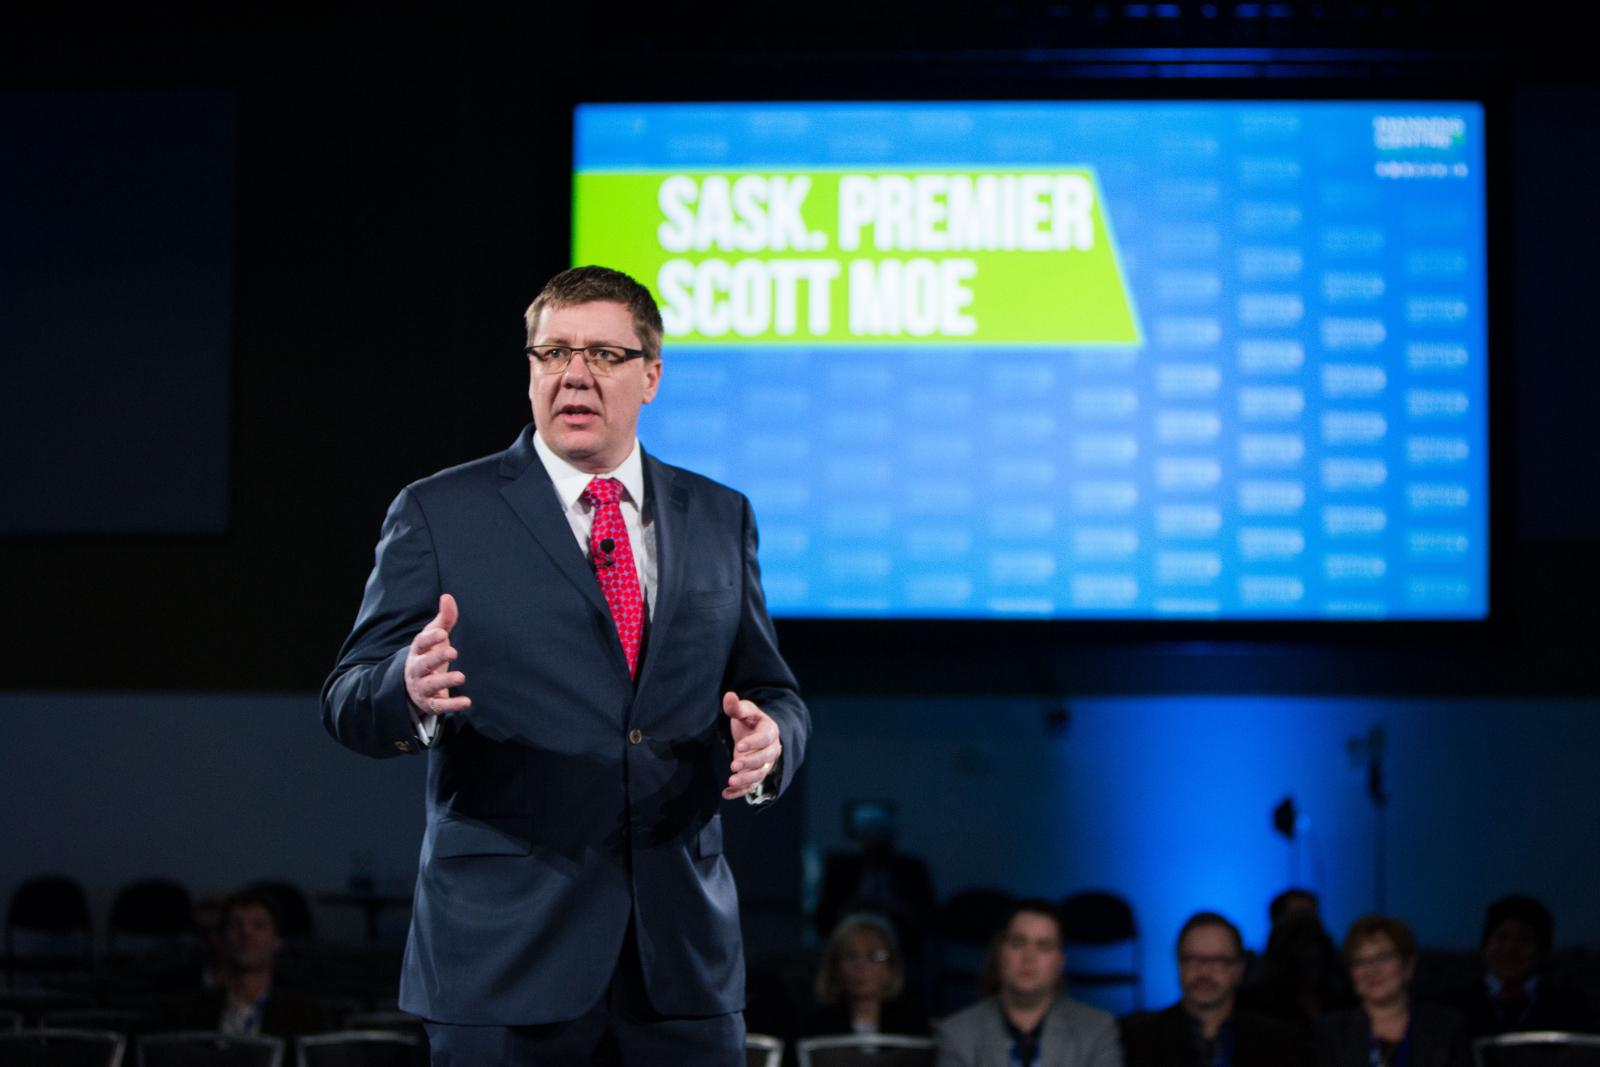 P E I backs off Saskatchewan's carbon tax court challenge